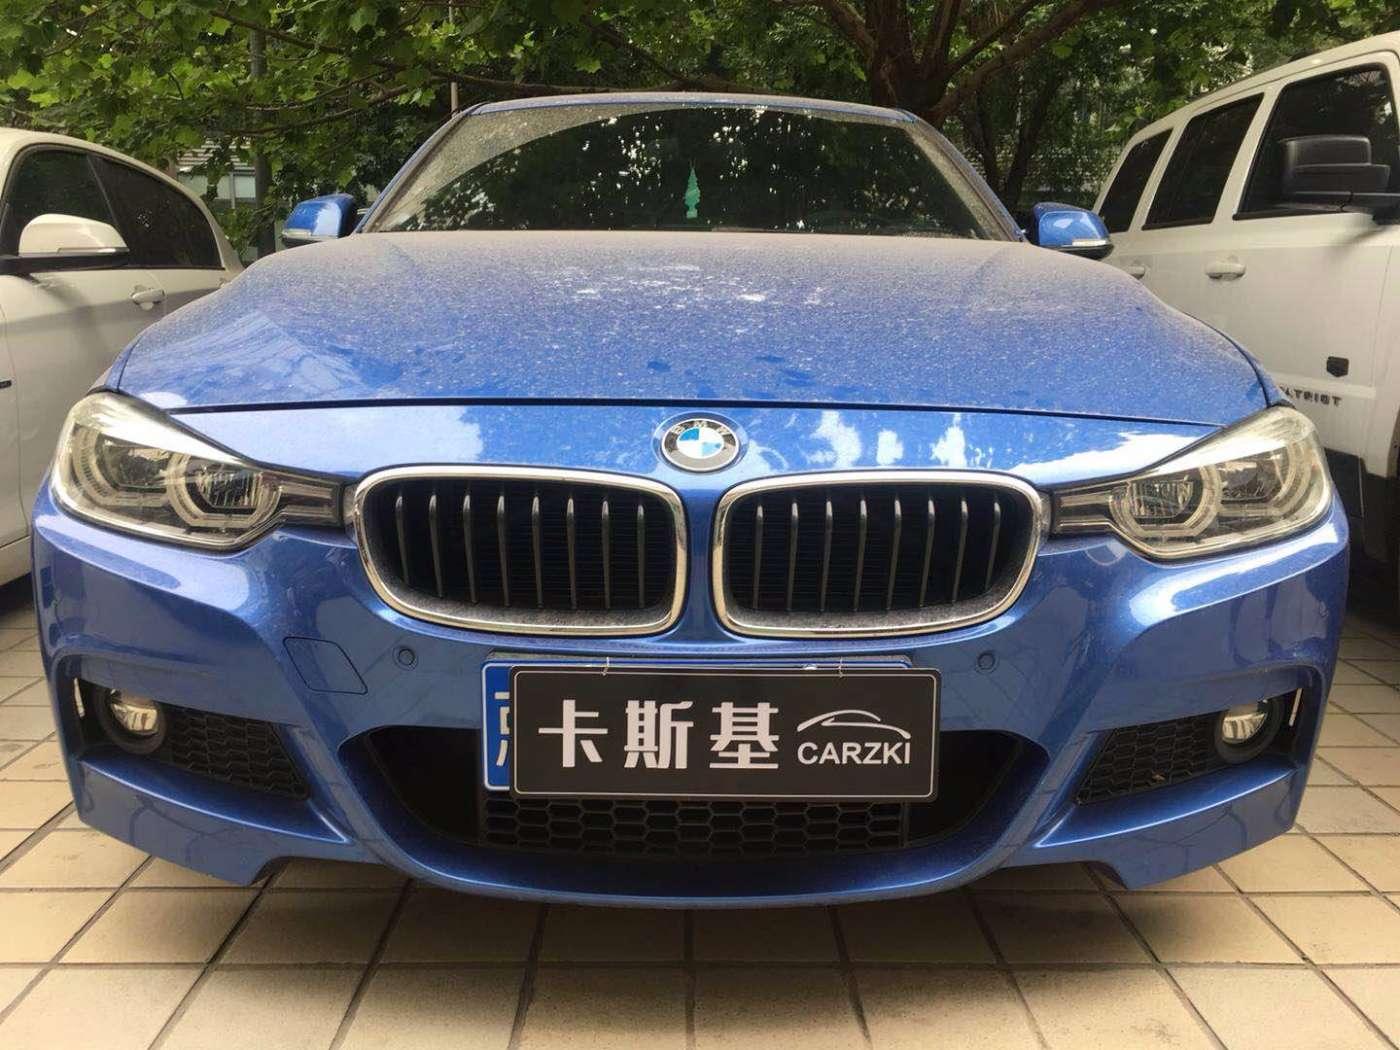 2016年09月 2016款 宝马3系 328i M运动型|甄选宝马-北京卡斯基汽车服务有限公司